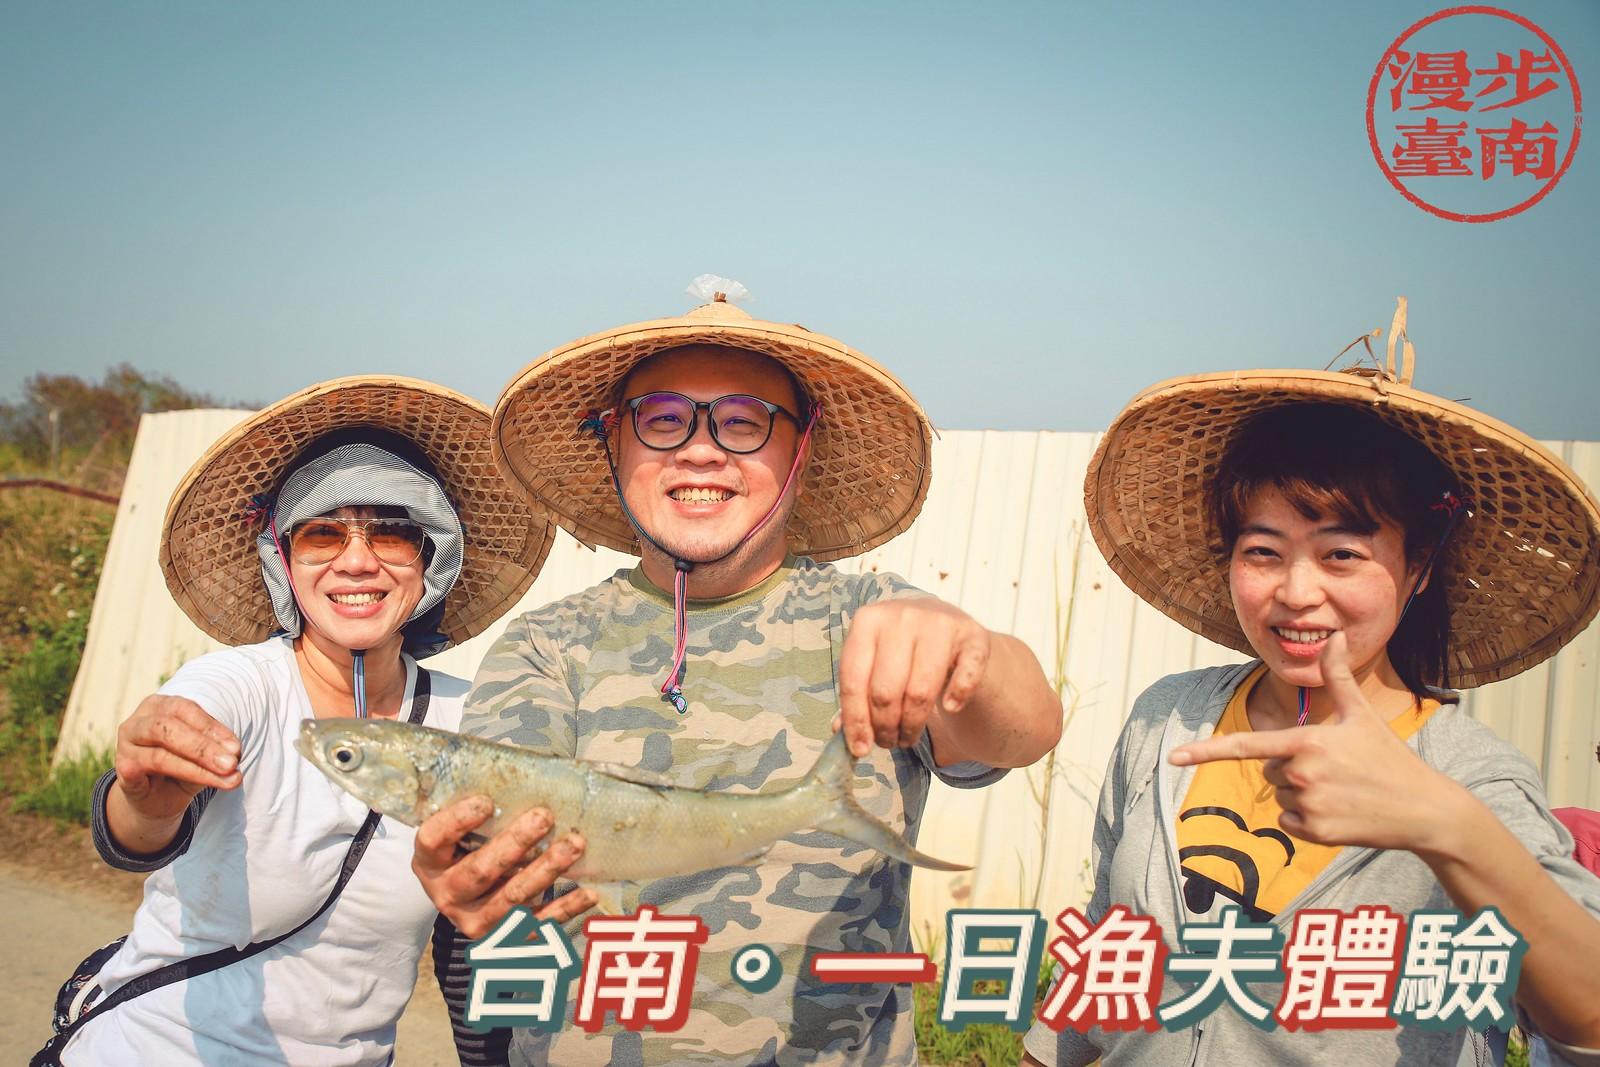 穿上超萌青蛙裝來去捕撈虱目魚「漁夫體驗」